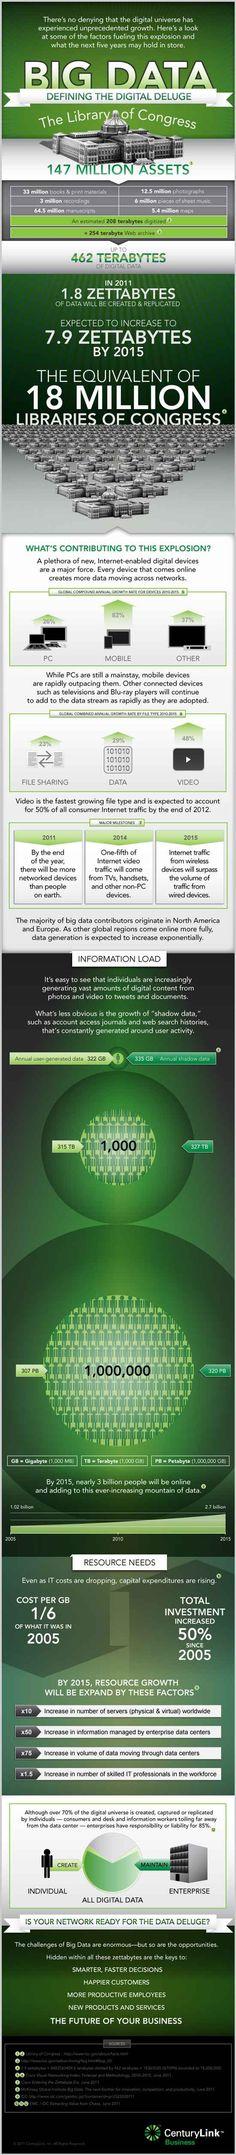 [Big Data et les 10 tendances stratégiques] En 2015, environ 3 milliards de personnes seront connectées et partageront des (leurs) données. Le volume attendu est de l'ordre de 8 Zettabytes (soit 8 milliards de Tb).